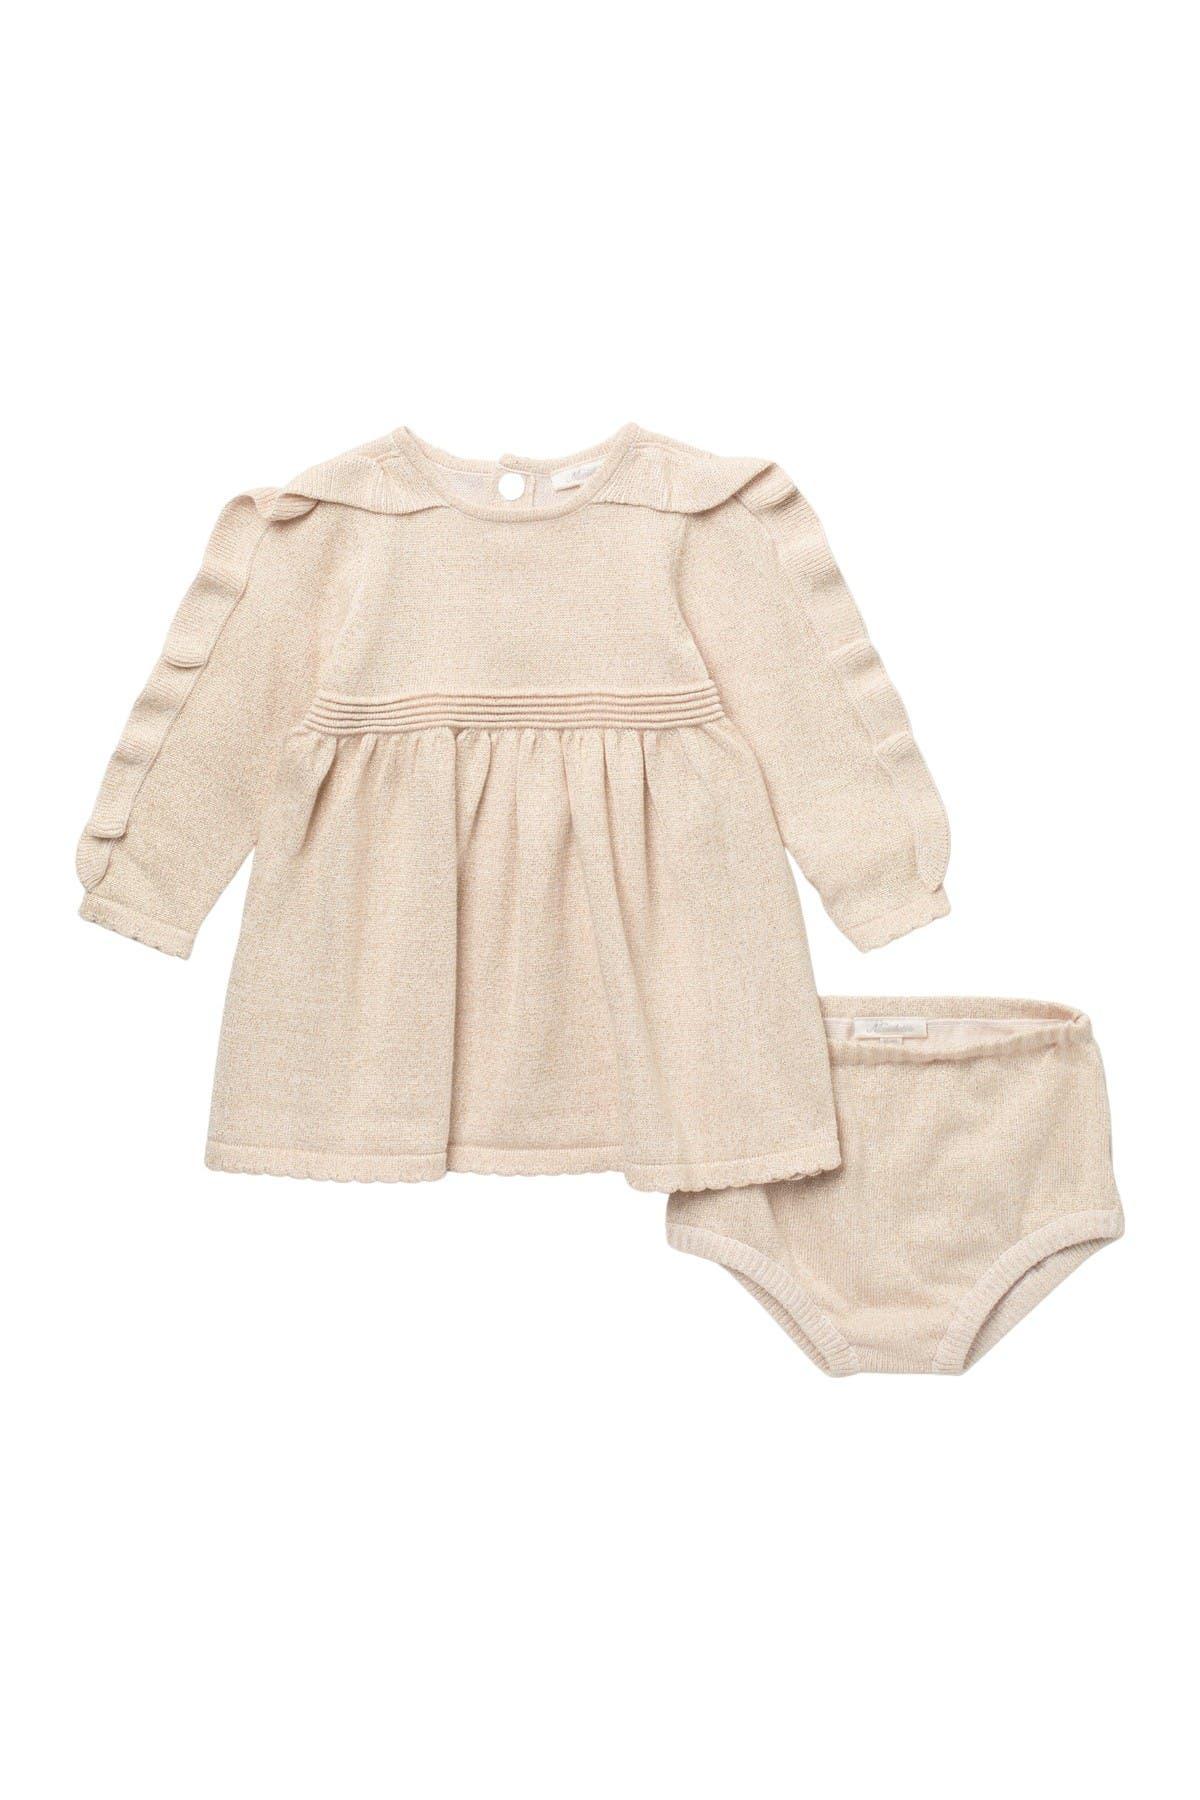 Image of Miniclasix Sweater Dress & Bloomers Set